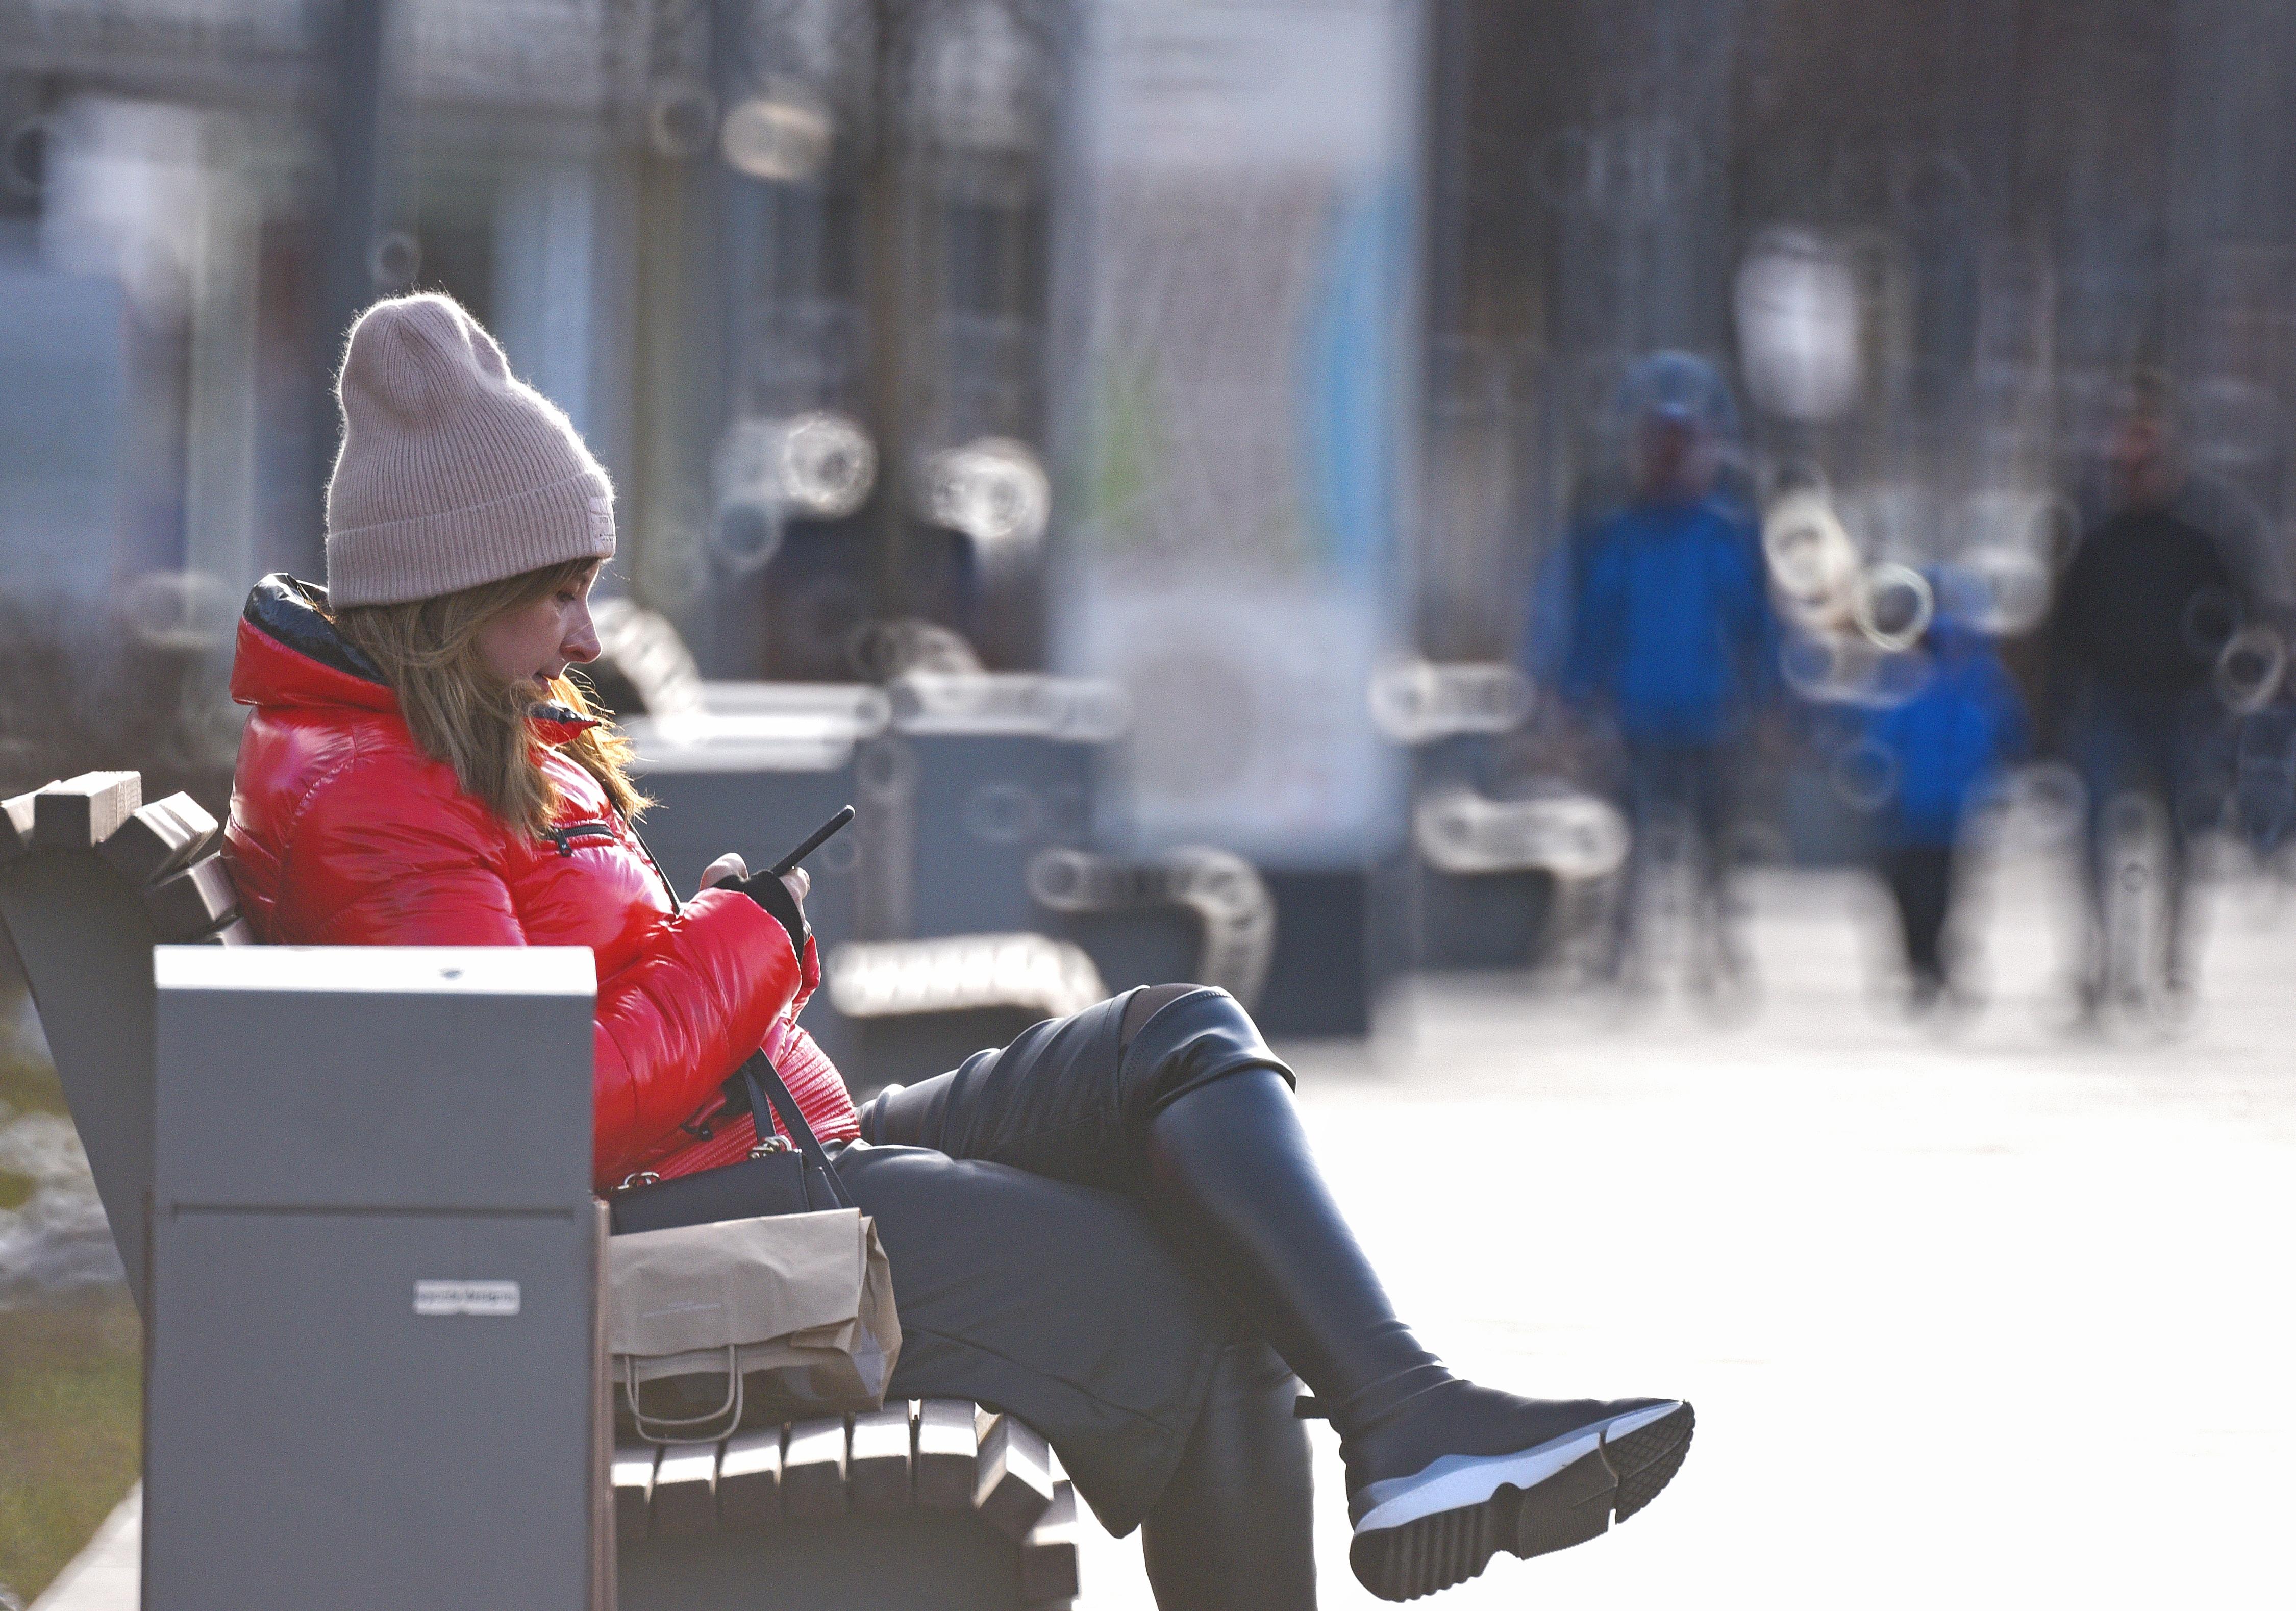 Москвичам пообещали солнечную погоду в предстоящие выходные